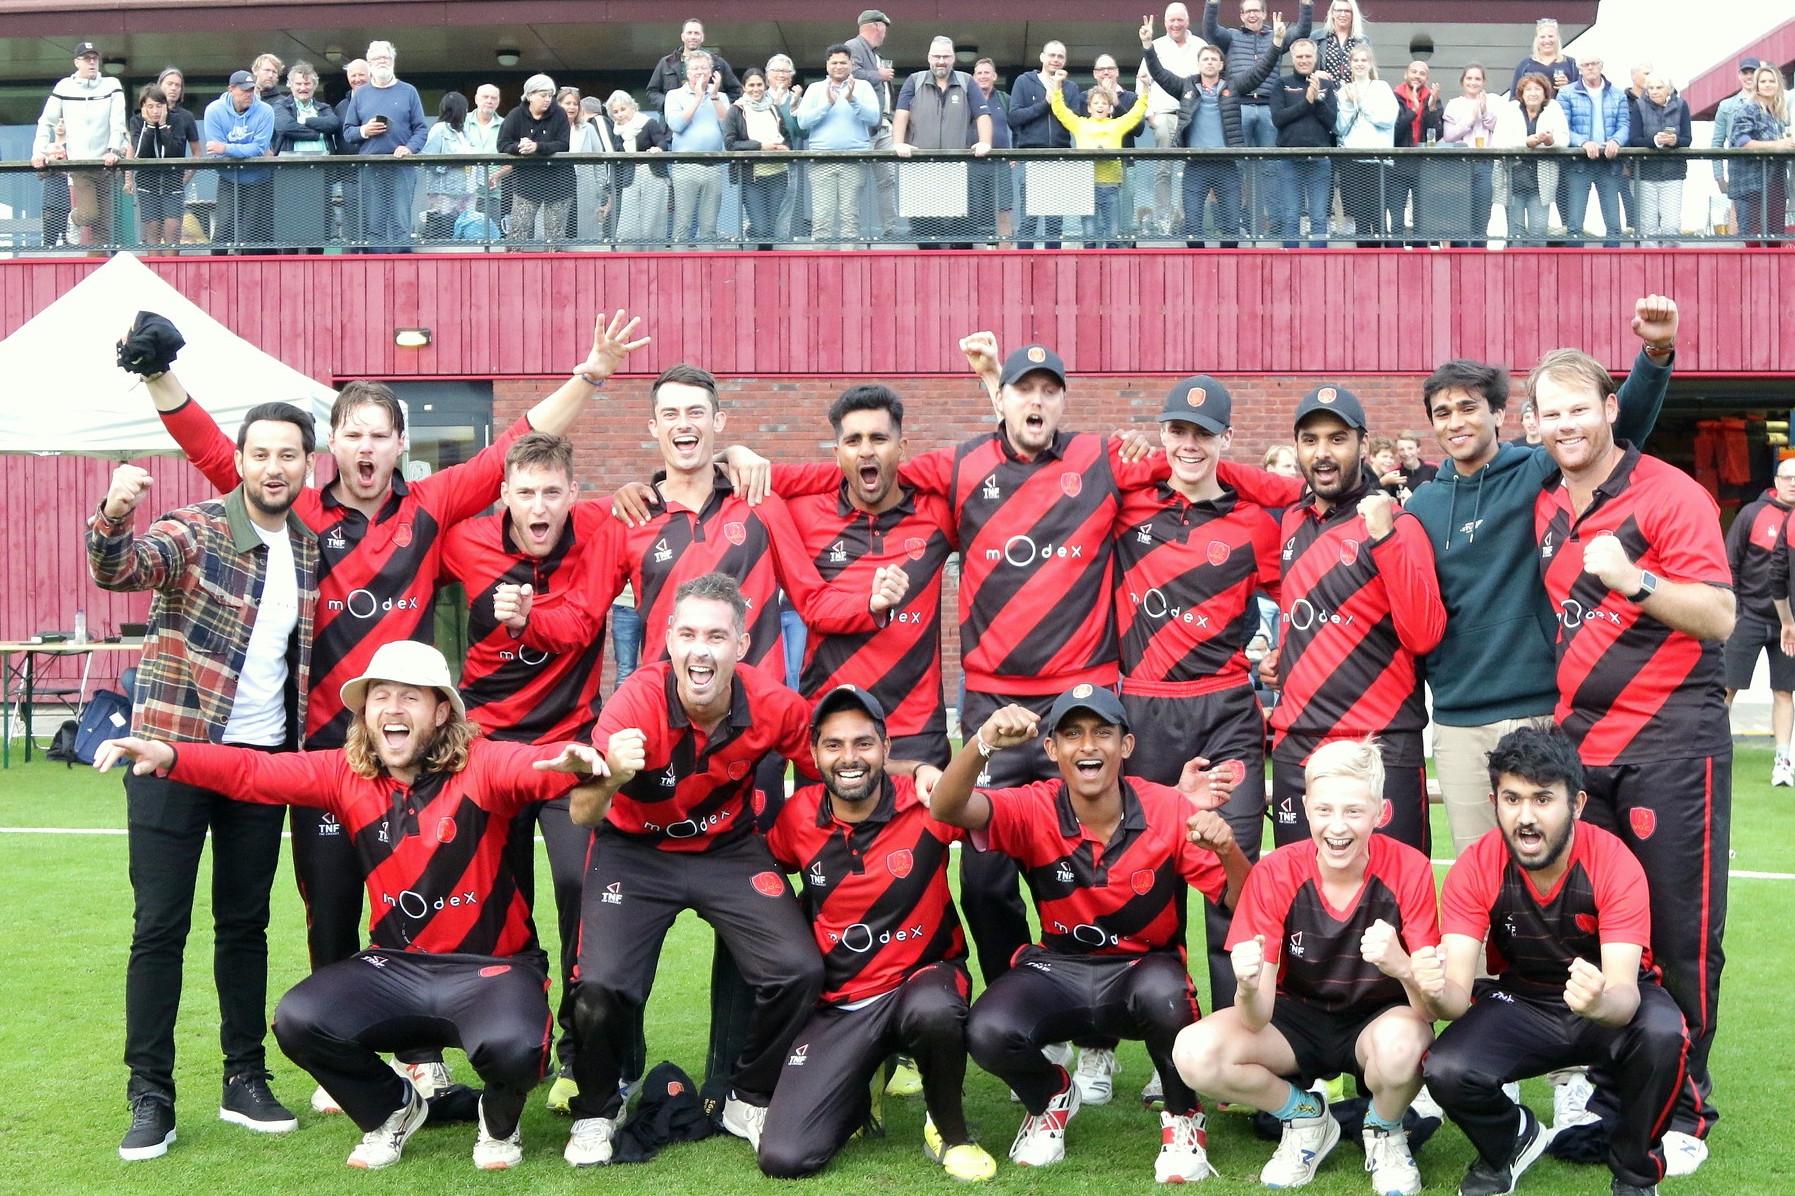 Cricketers Landskampioen Twenty20!